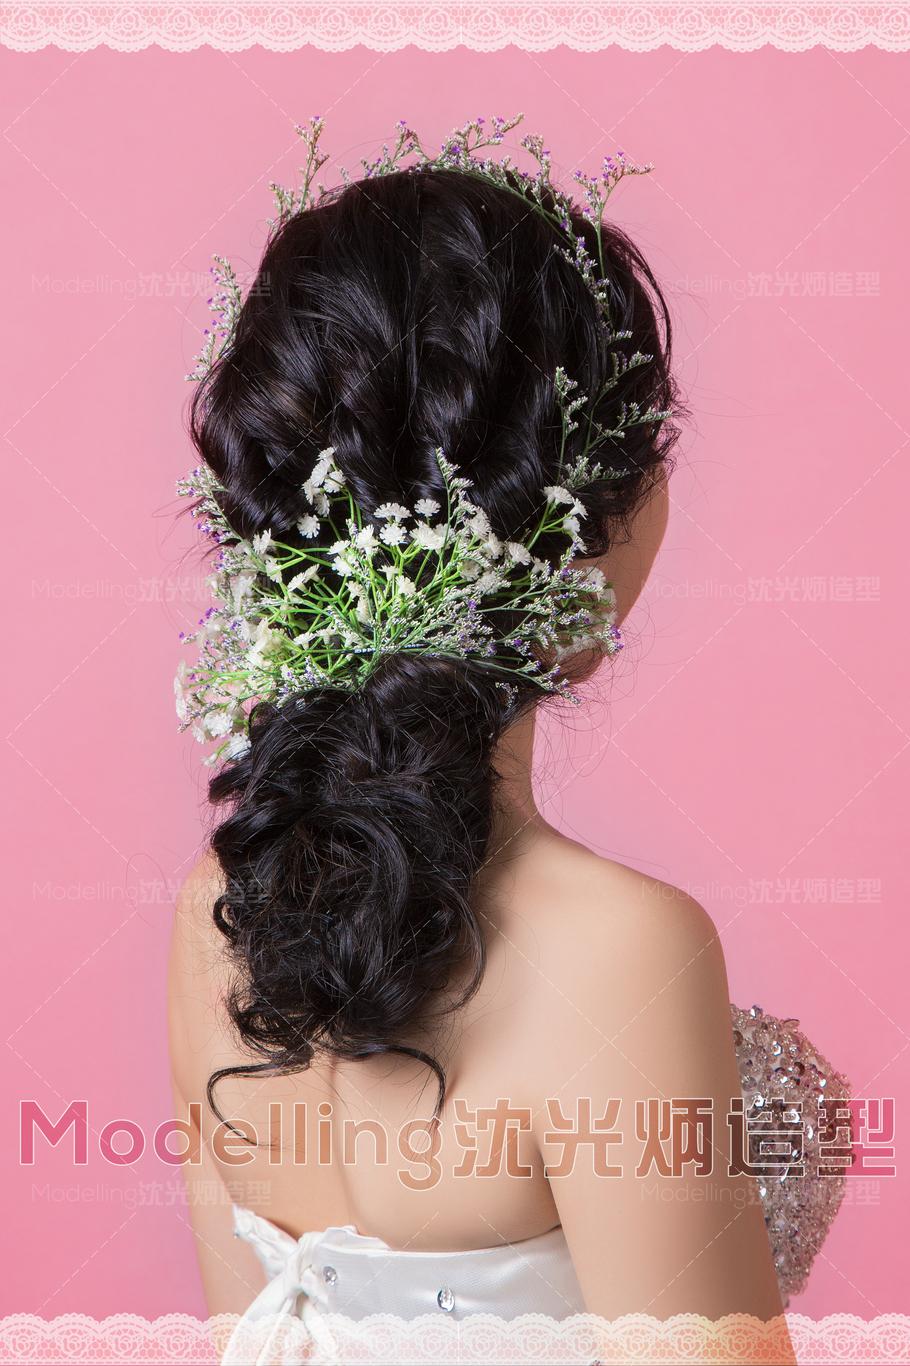 沈光炳造型-扎发编发盘发鲜花新娘发型(图38)图片